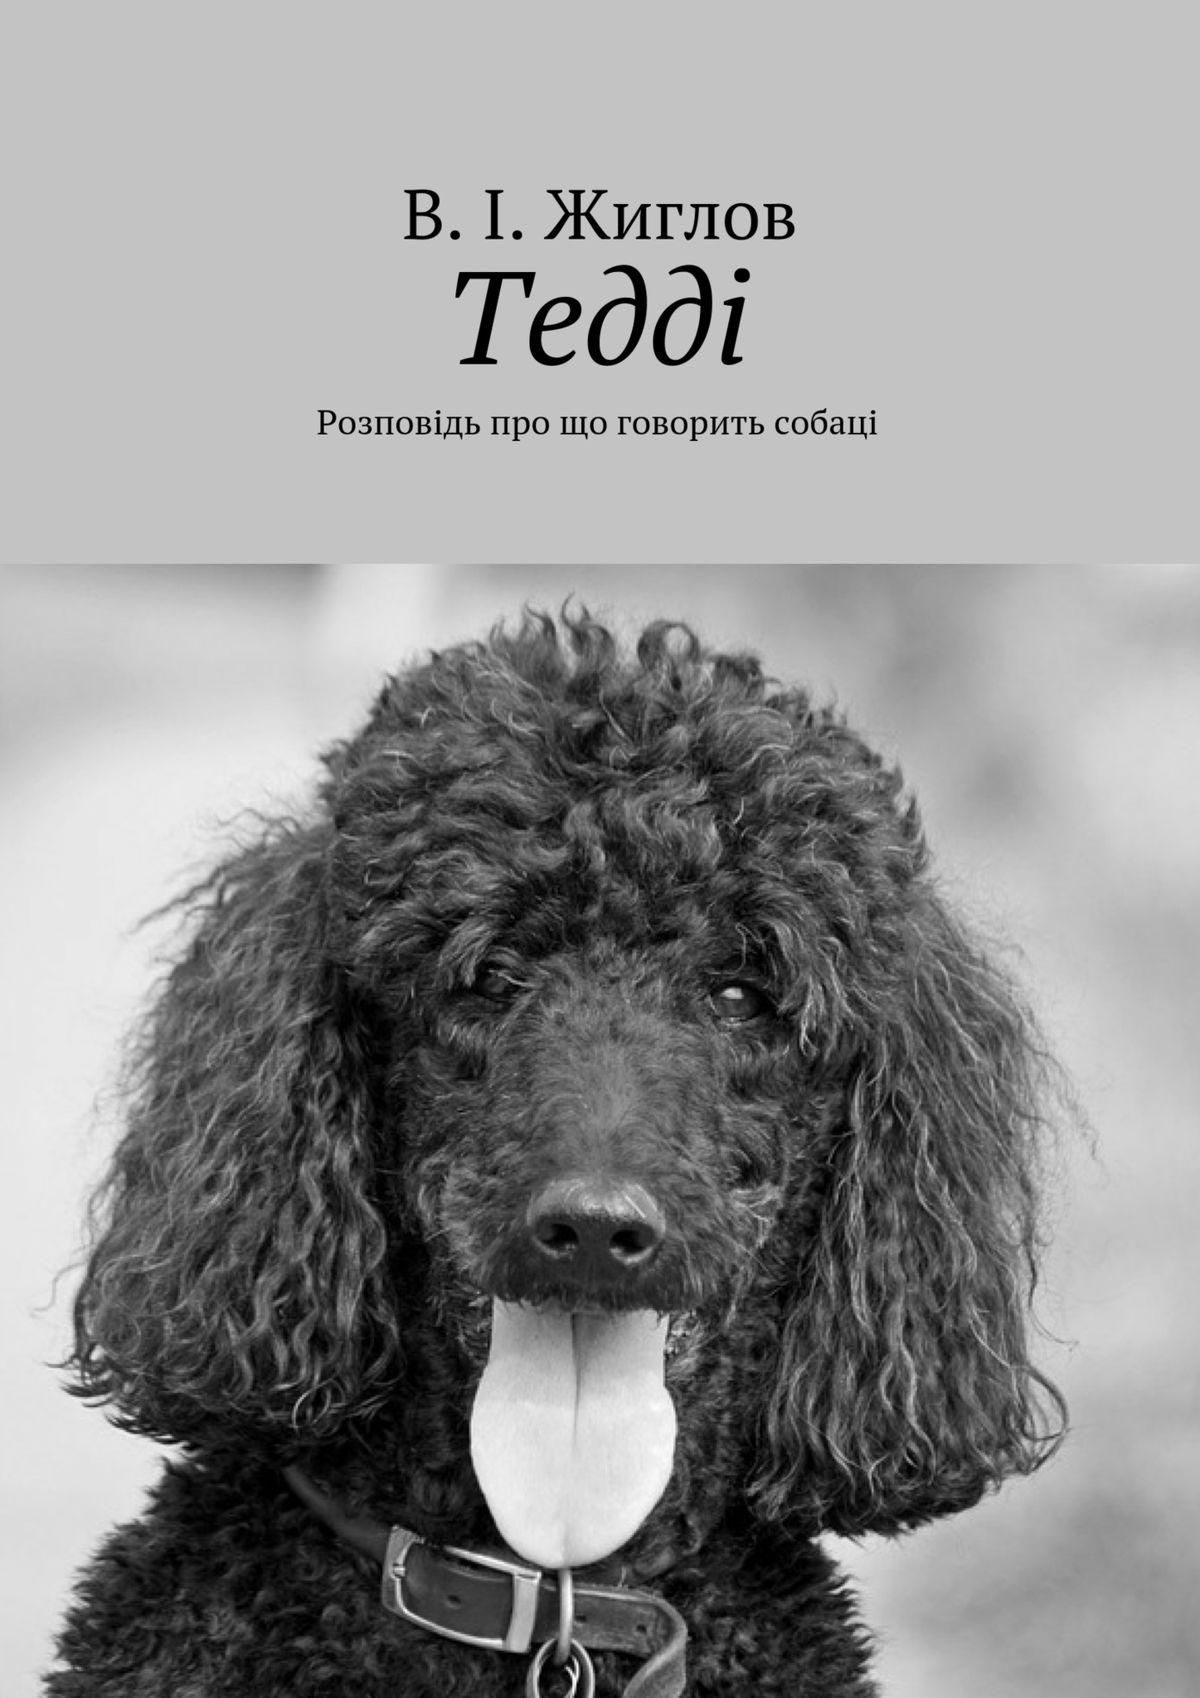 Тедді. Розповідь про що говорить собаці